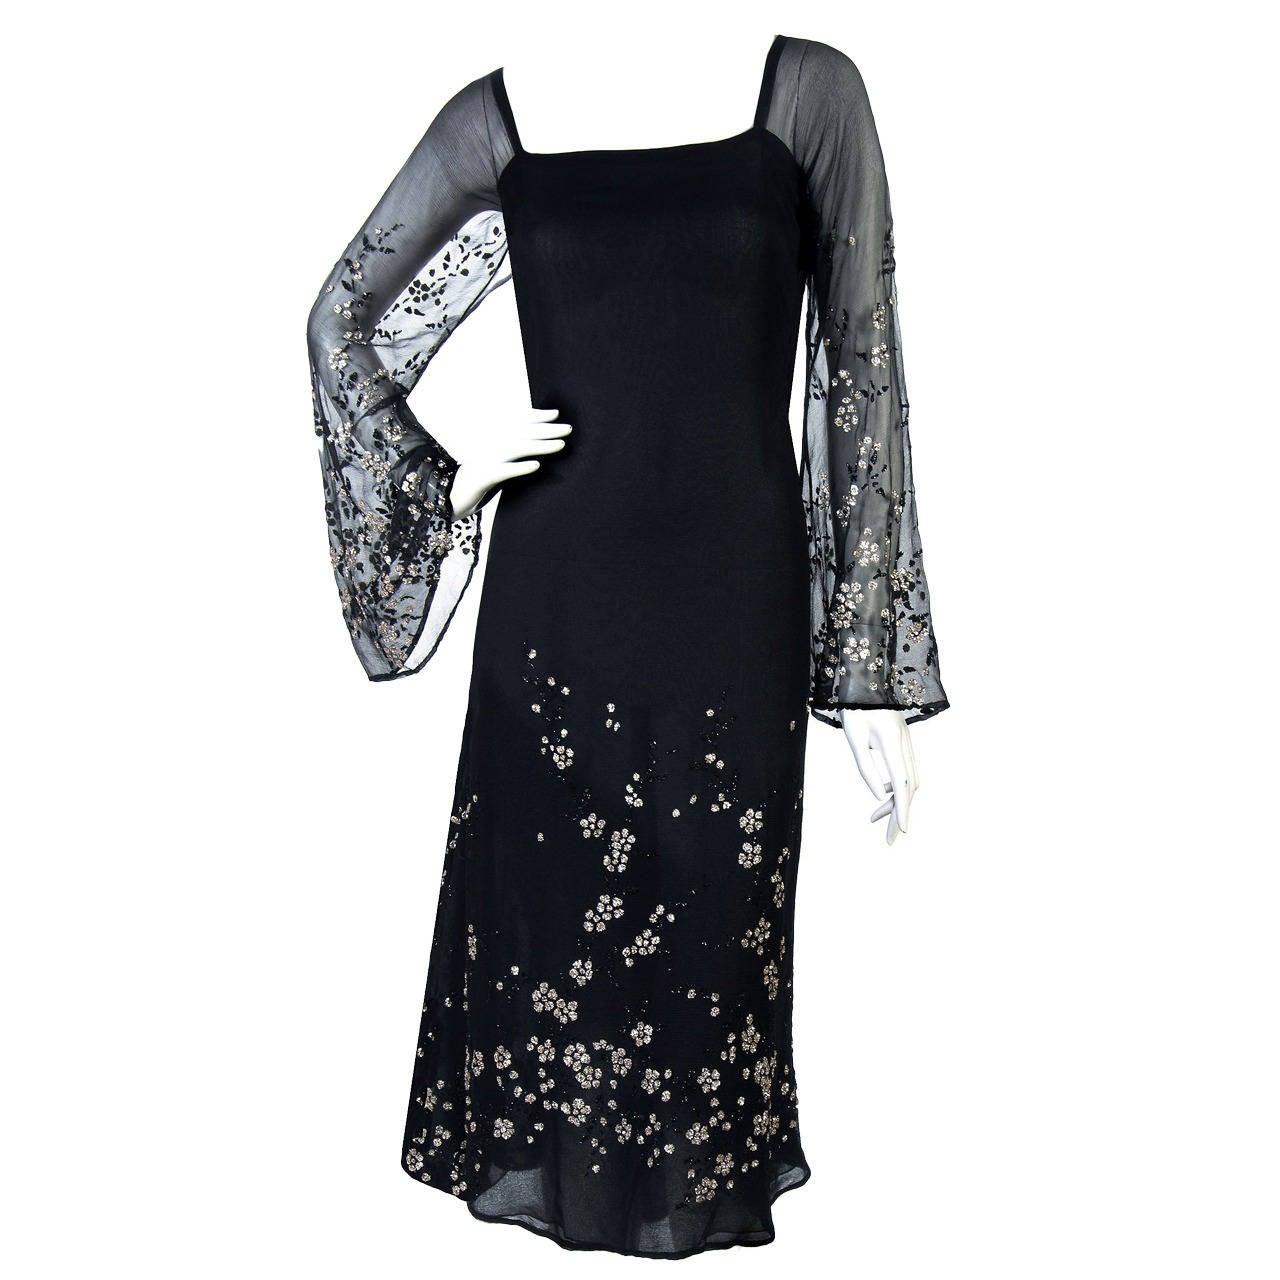 1970's Pauline Trigere Black Silk-Chiffon Glitter Illusion Bell-Sleeve Dress 1